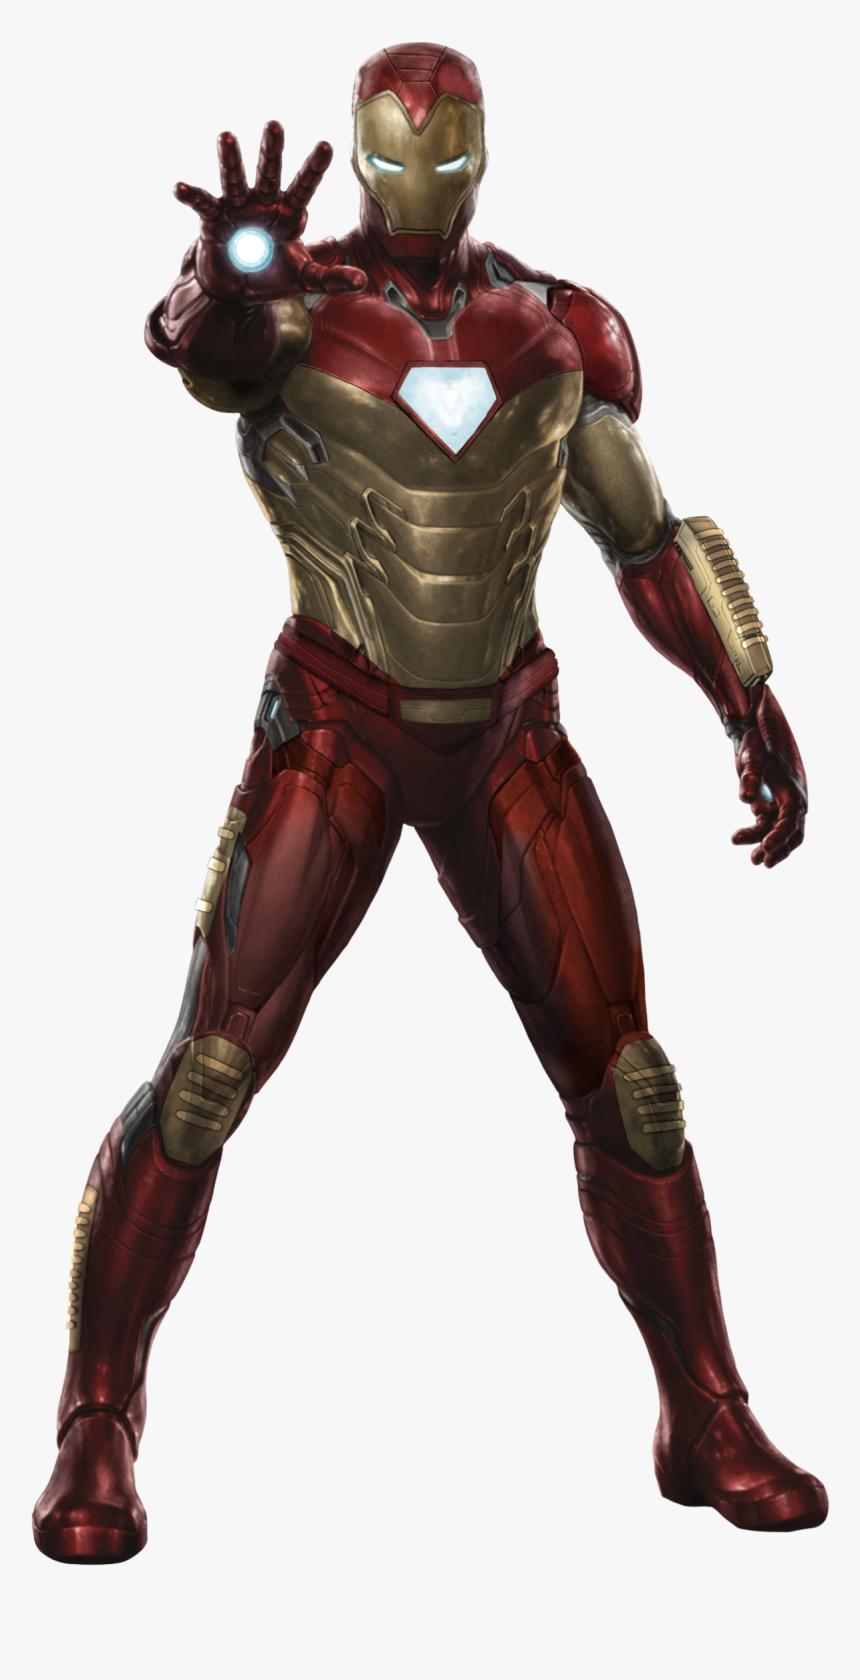 Iron Man Endgame Suit, HD Png Download, Free Download